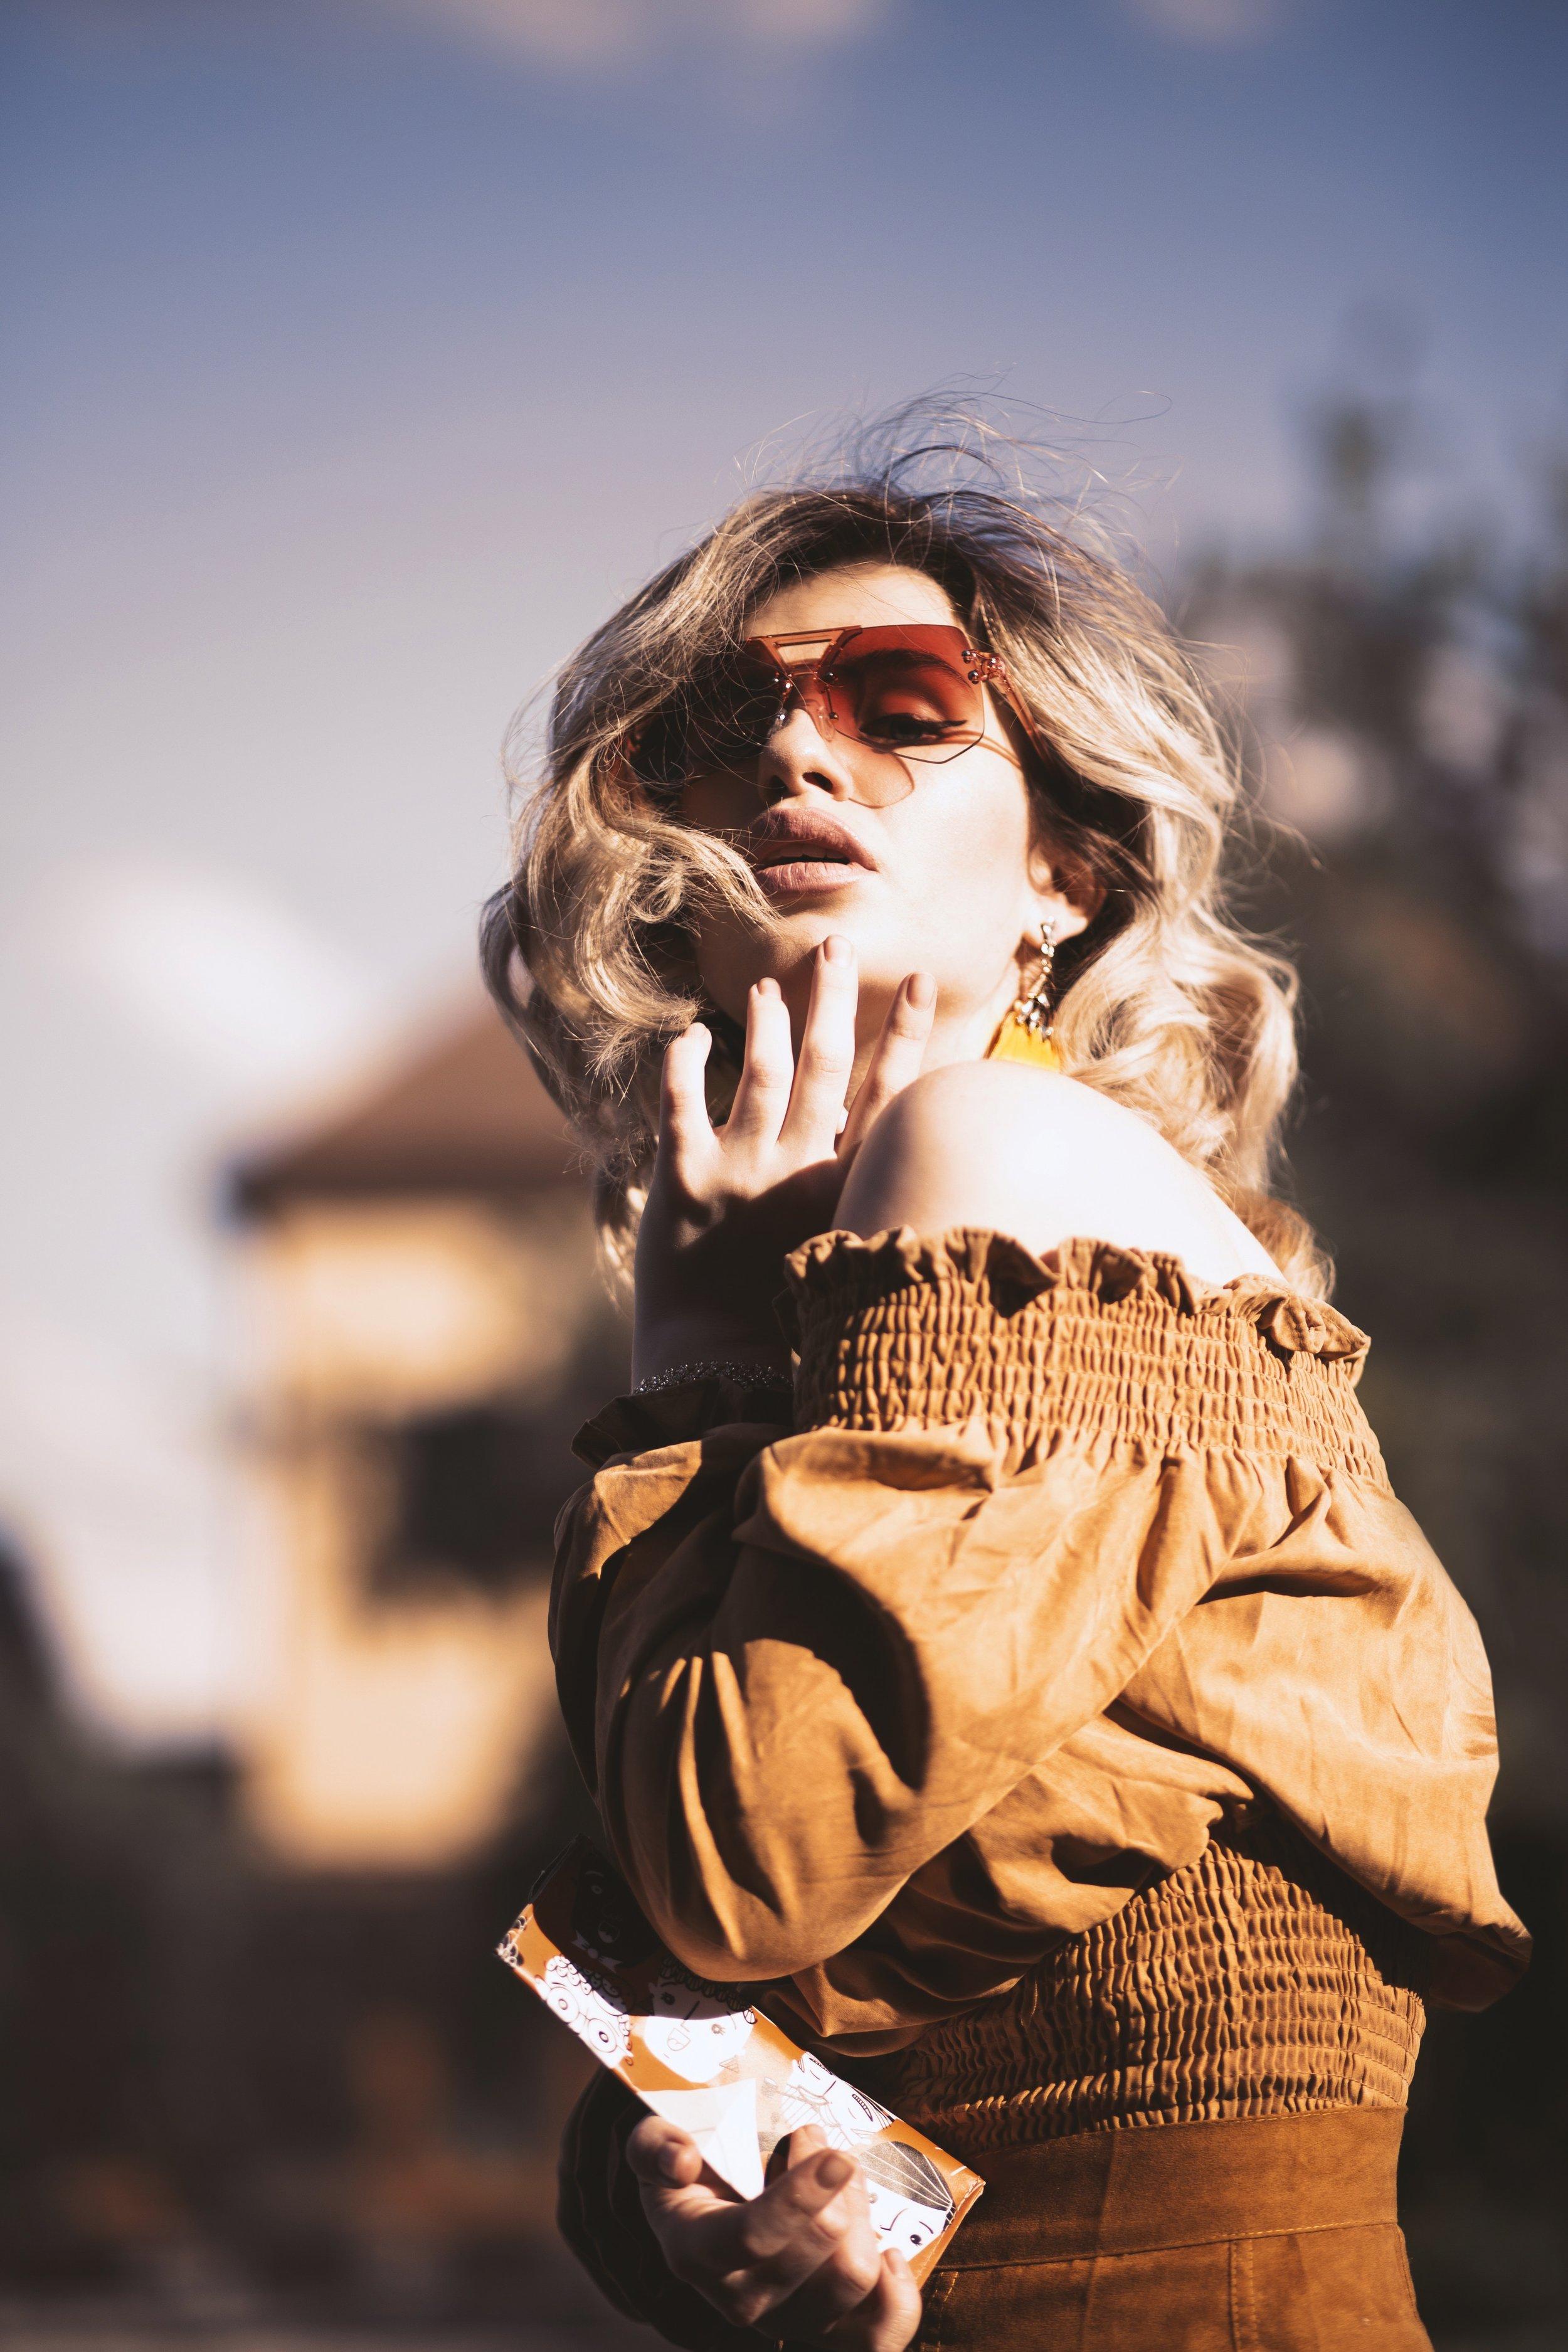 adult-beauty-blonde-hair-1299145.jpg